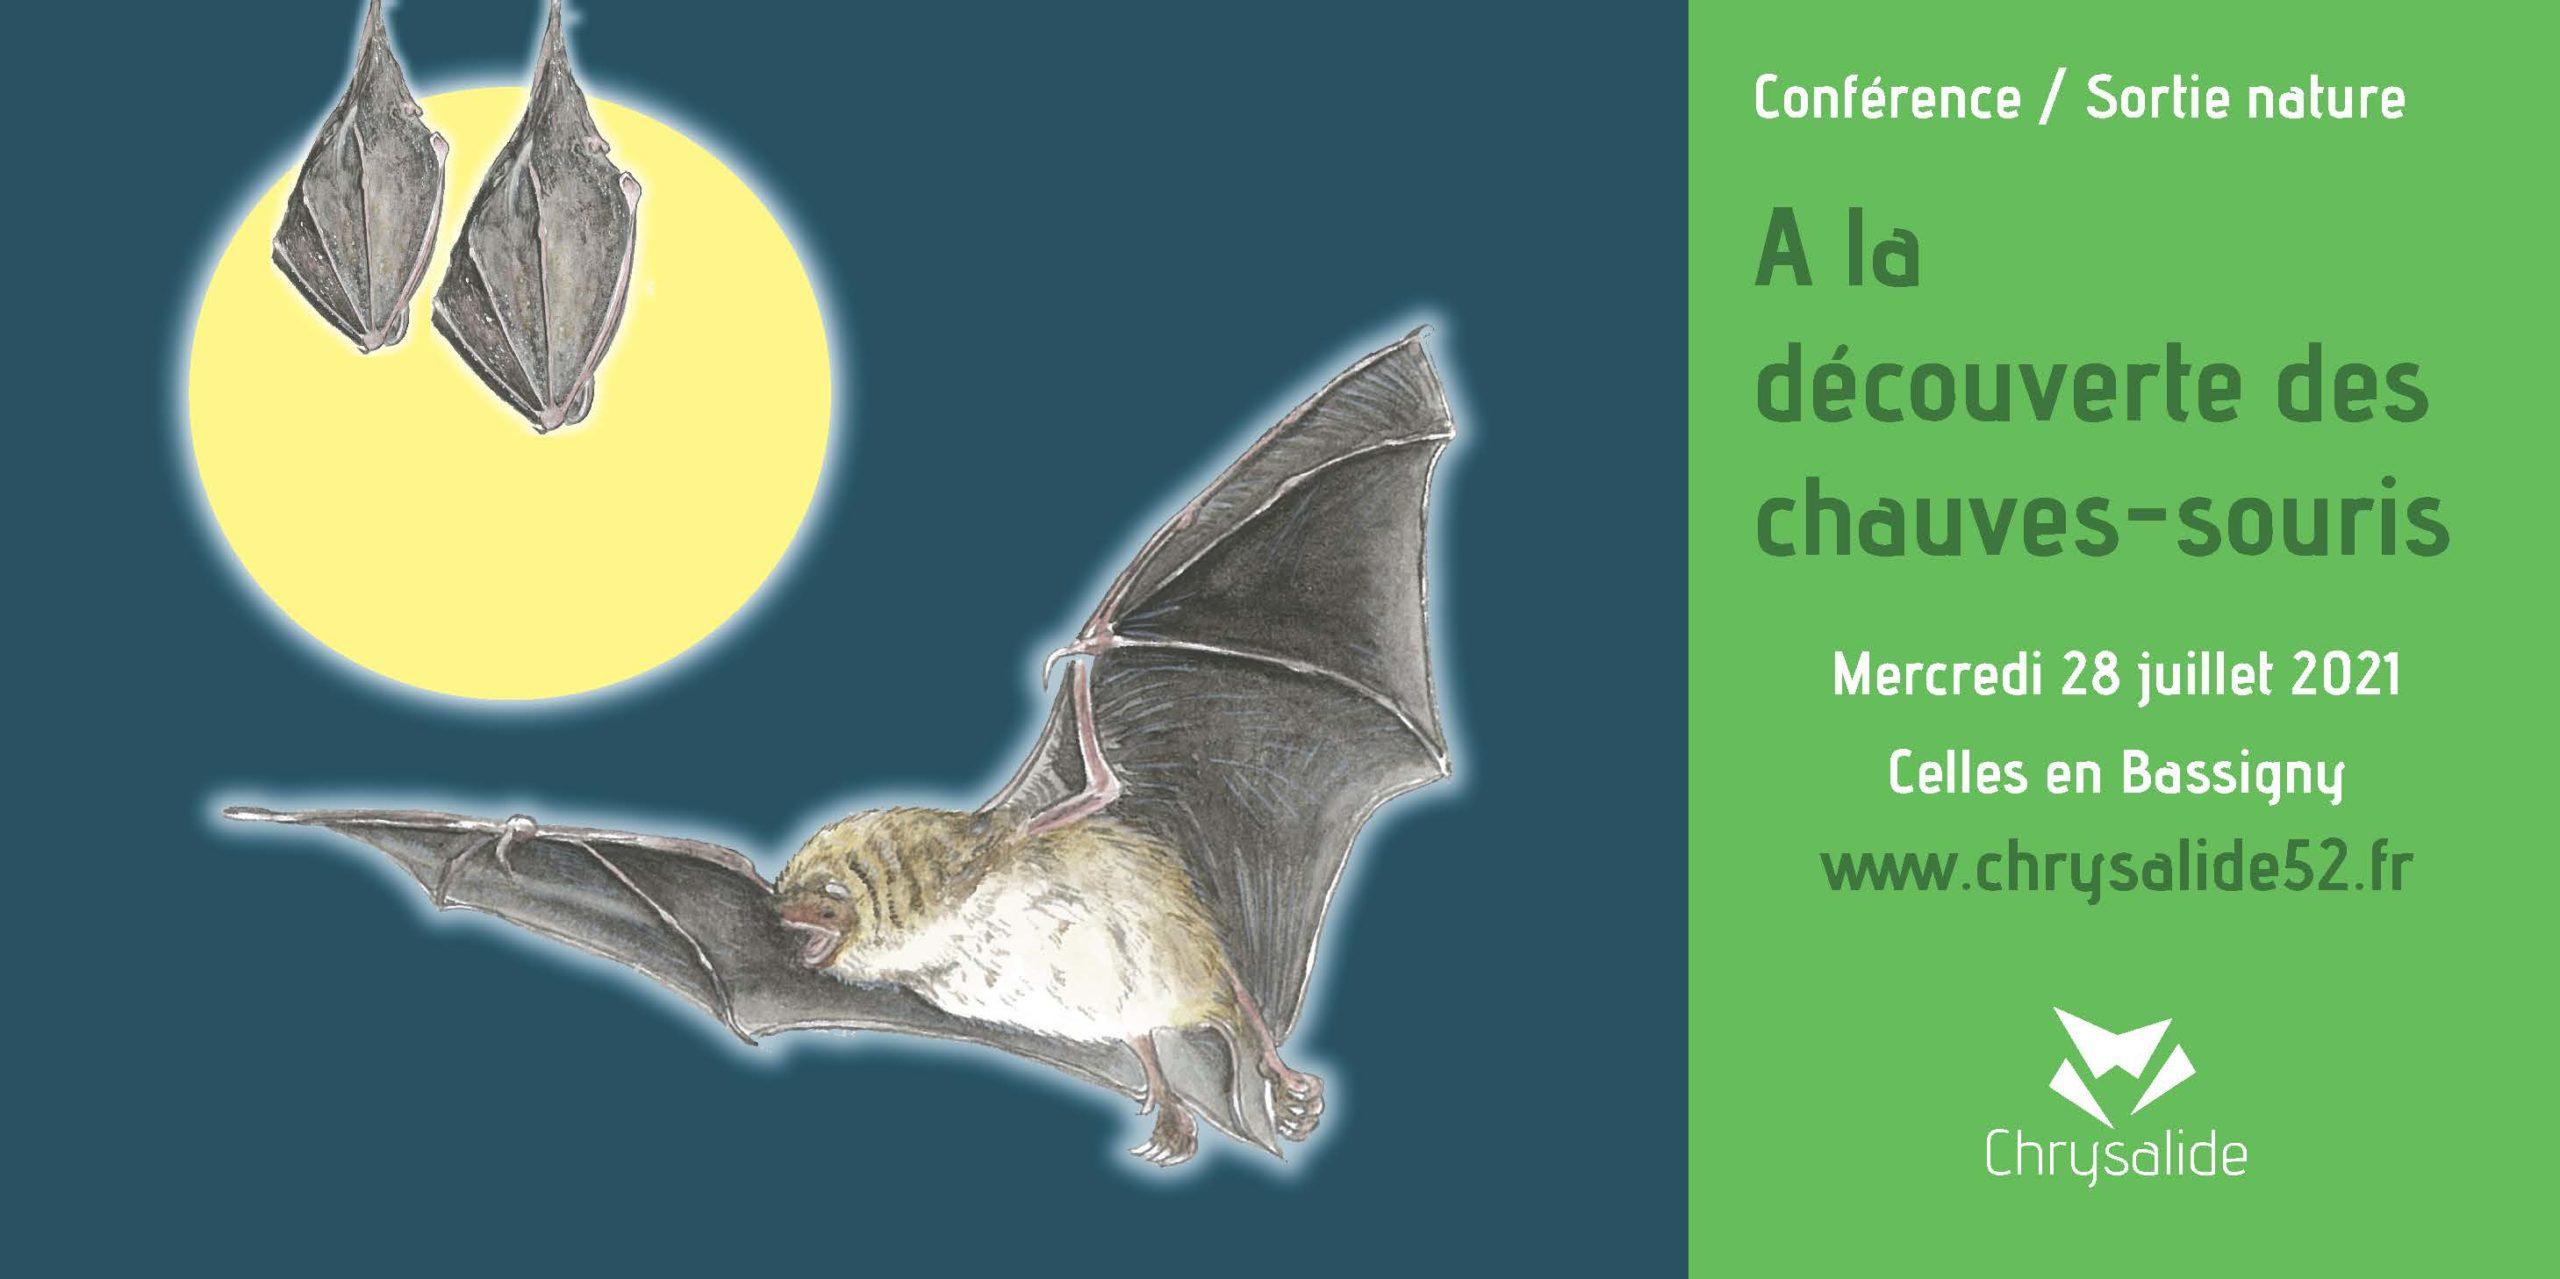 Conférence - Sortie nature - A la découverte des chauves-souris- Chrysalide52 - Michael Geber - Haute-Marne